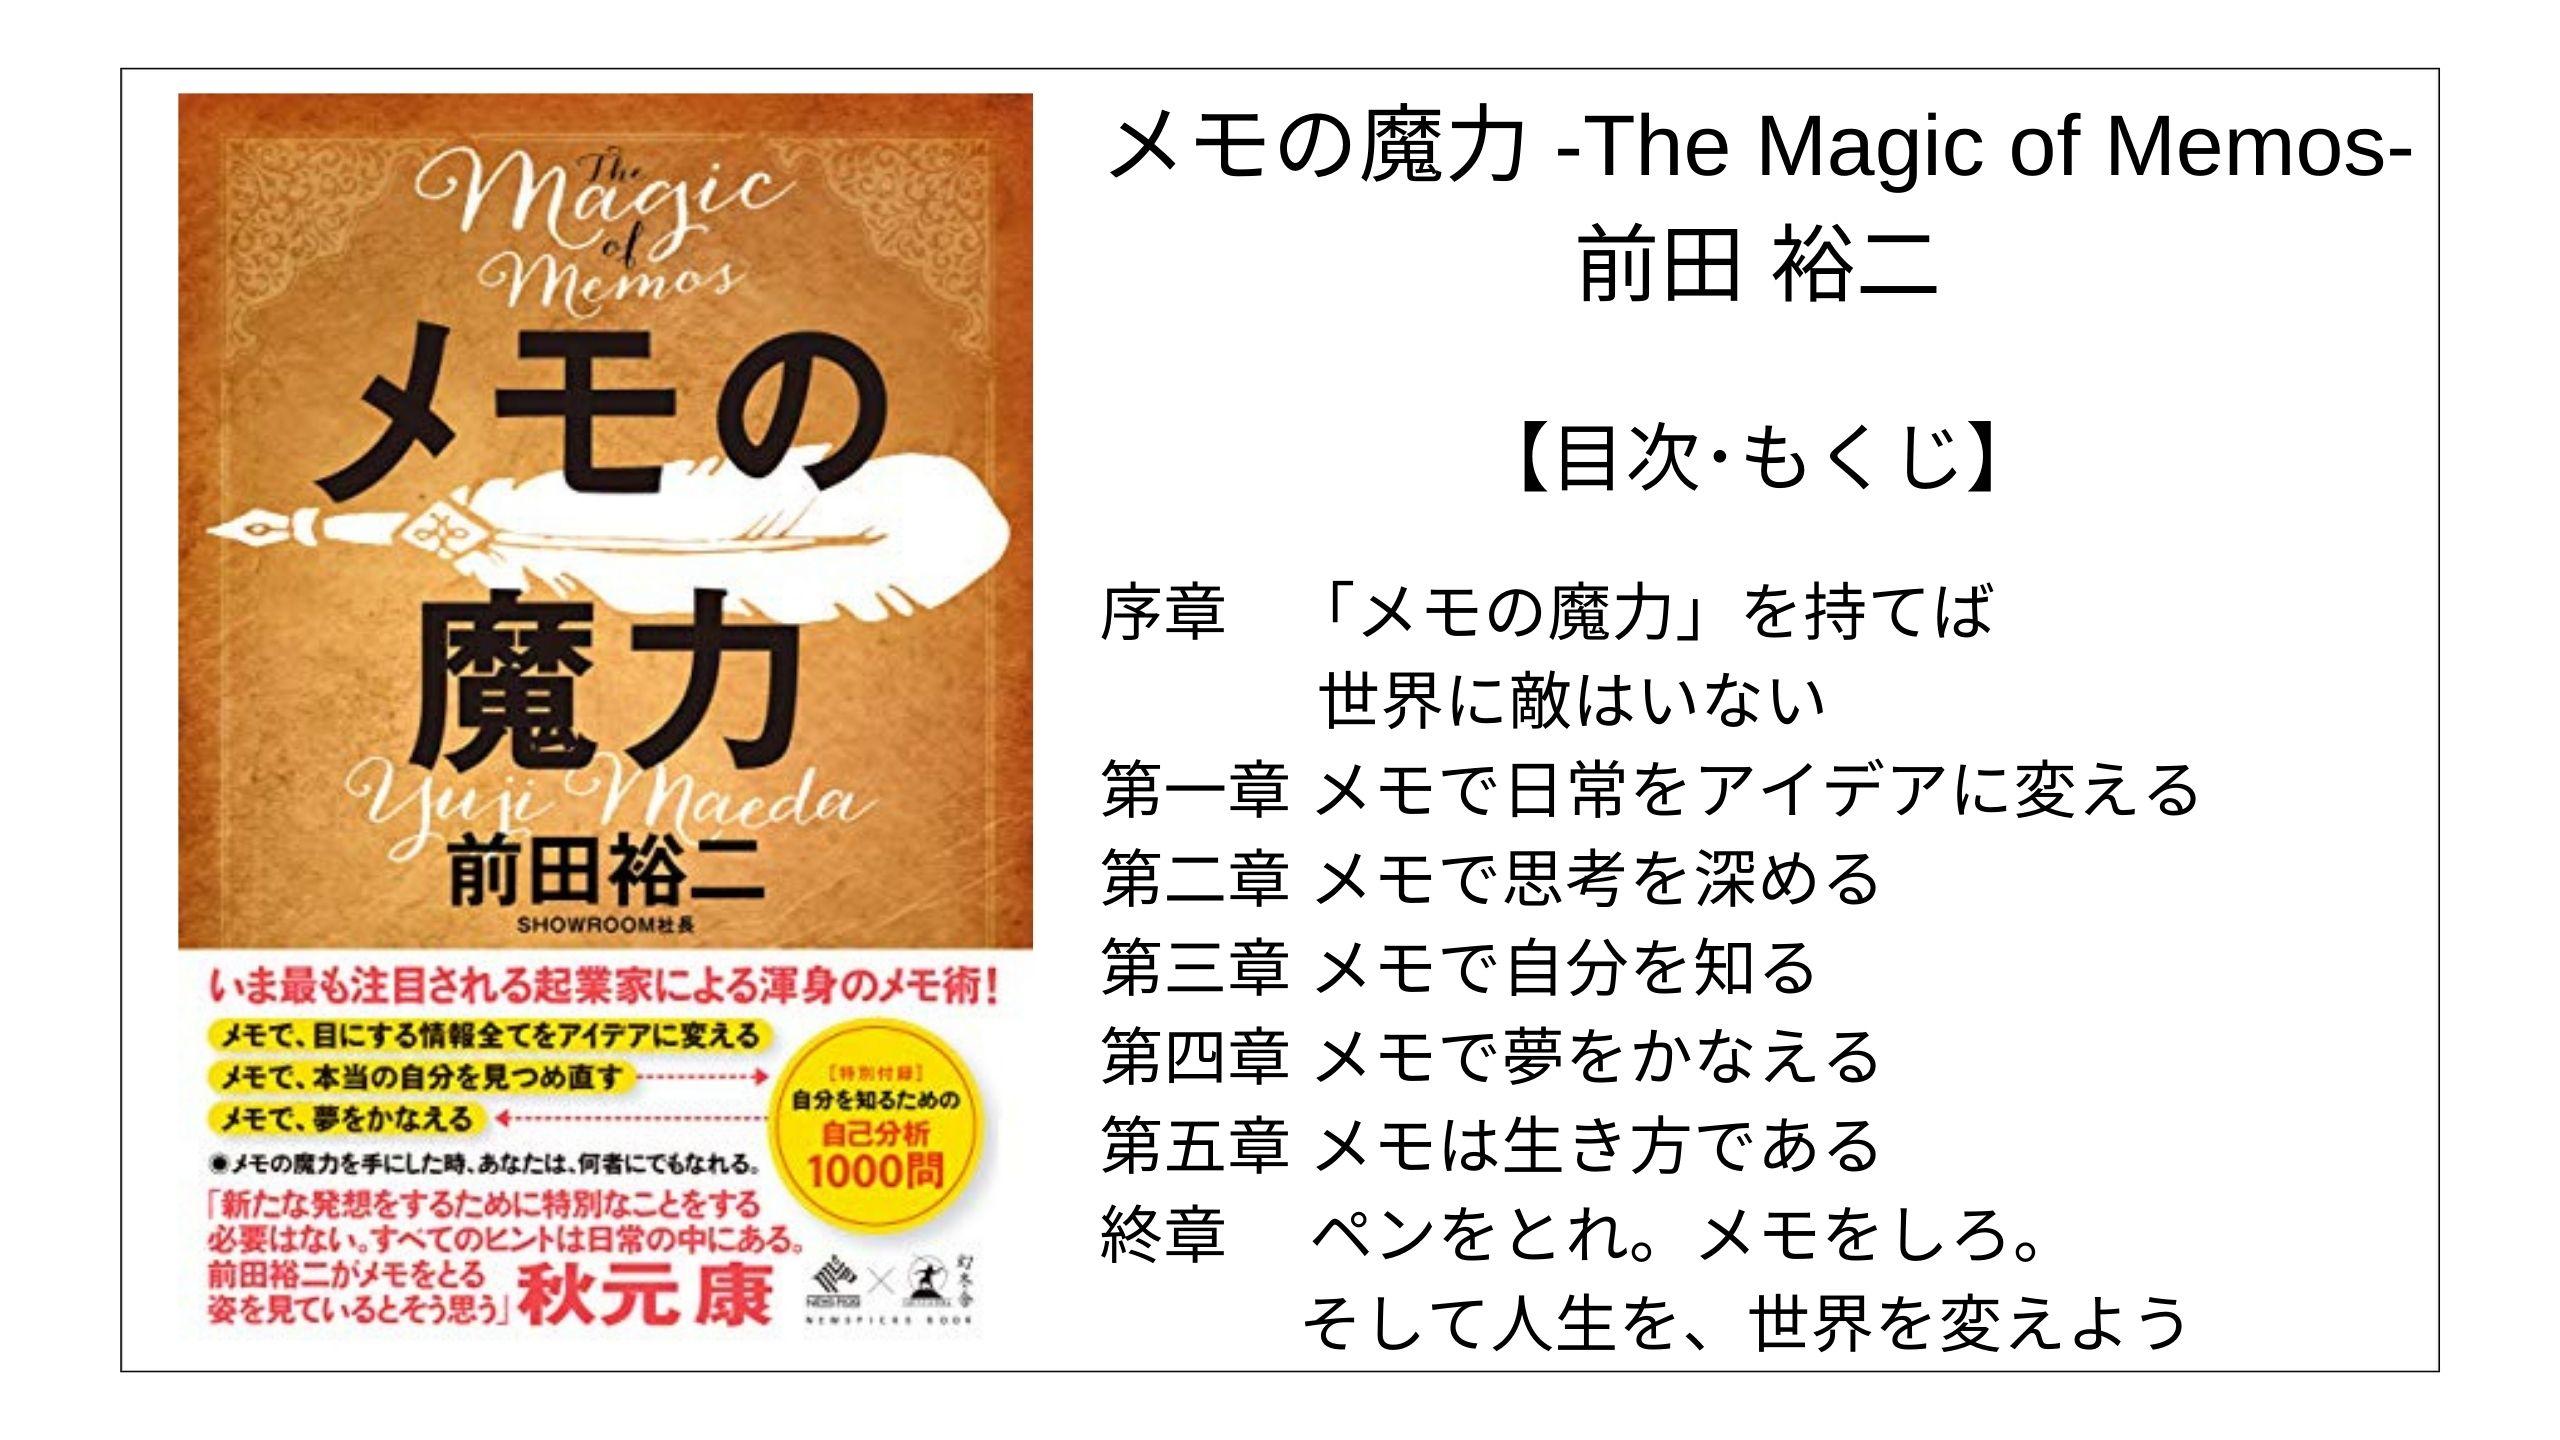 【目次】メモの魔力 -The Magic of Memos- / 前田 裕二【要点】 モクホン 本の目次を読むサイト